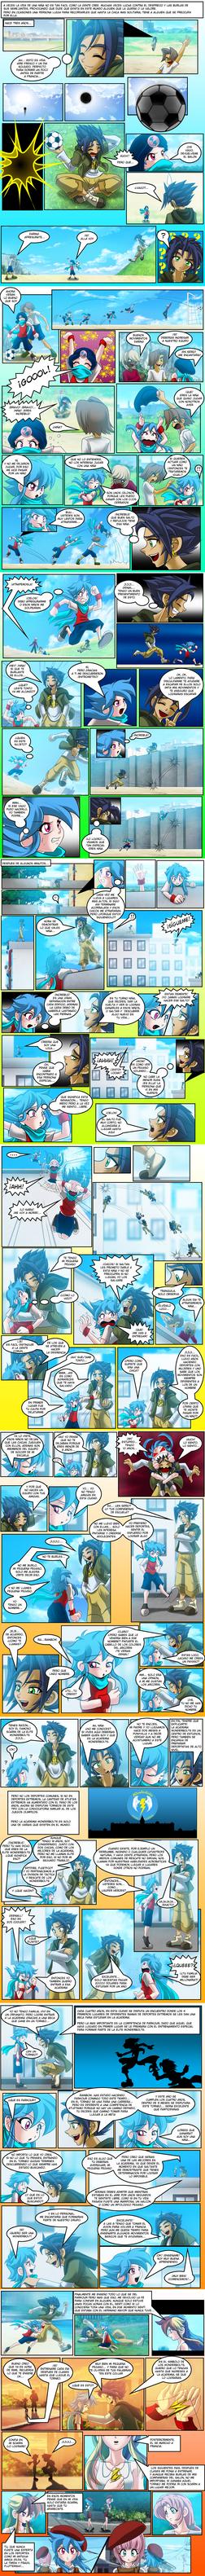 la magia de la amistad 05 by mauroz